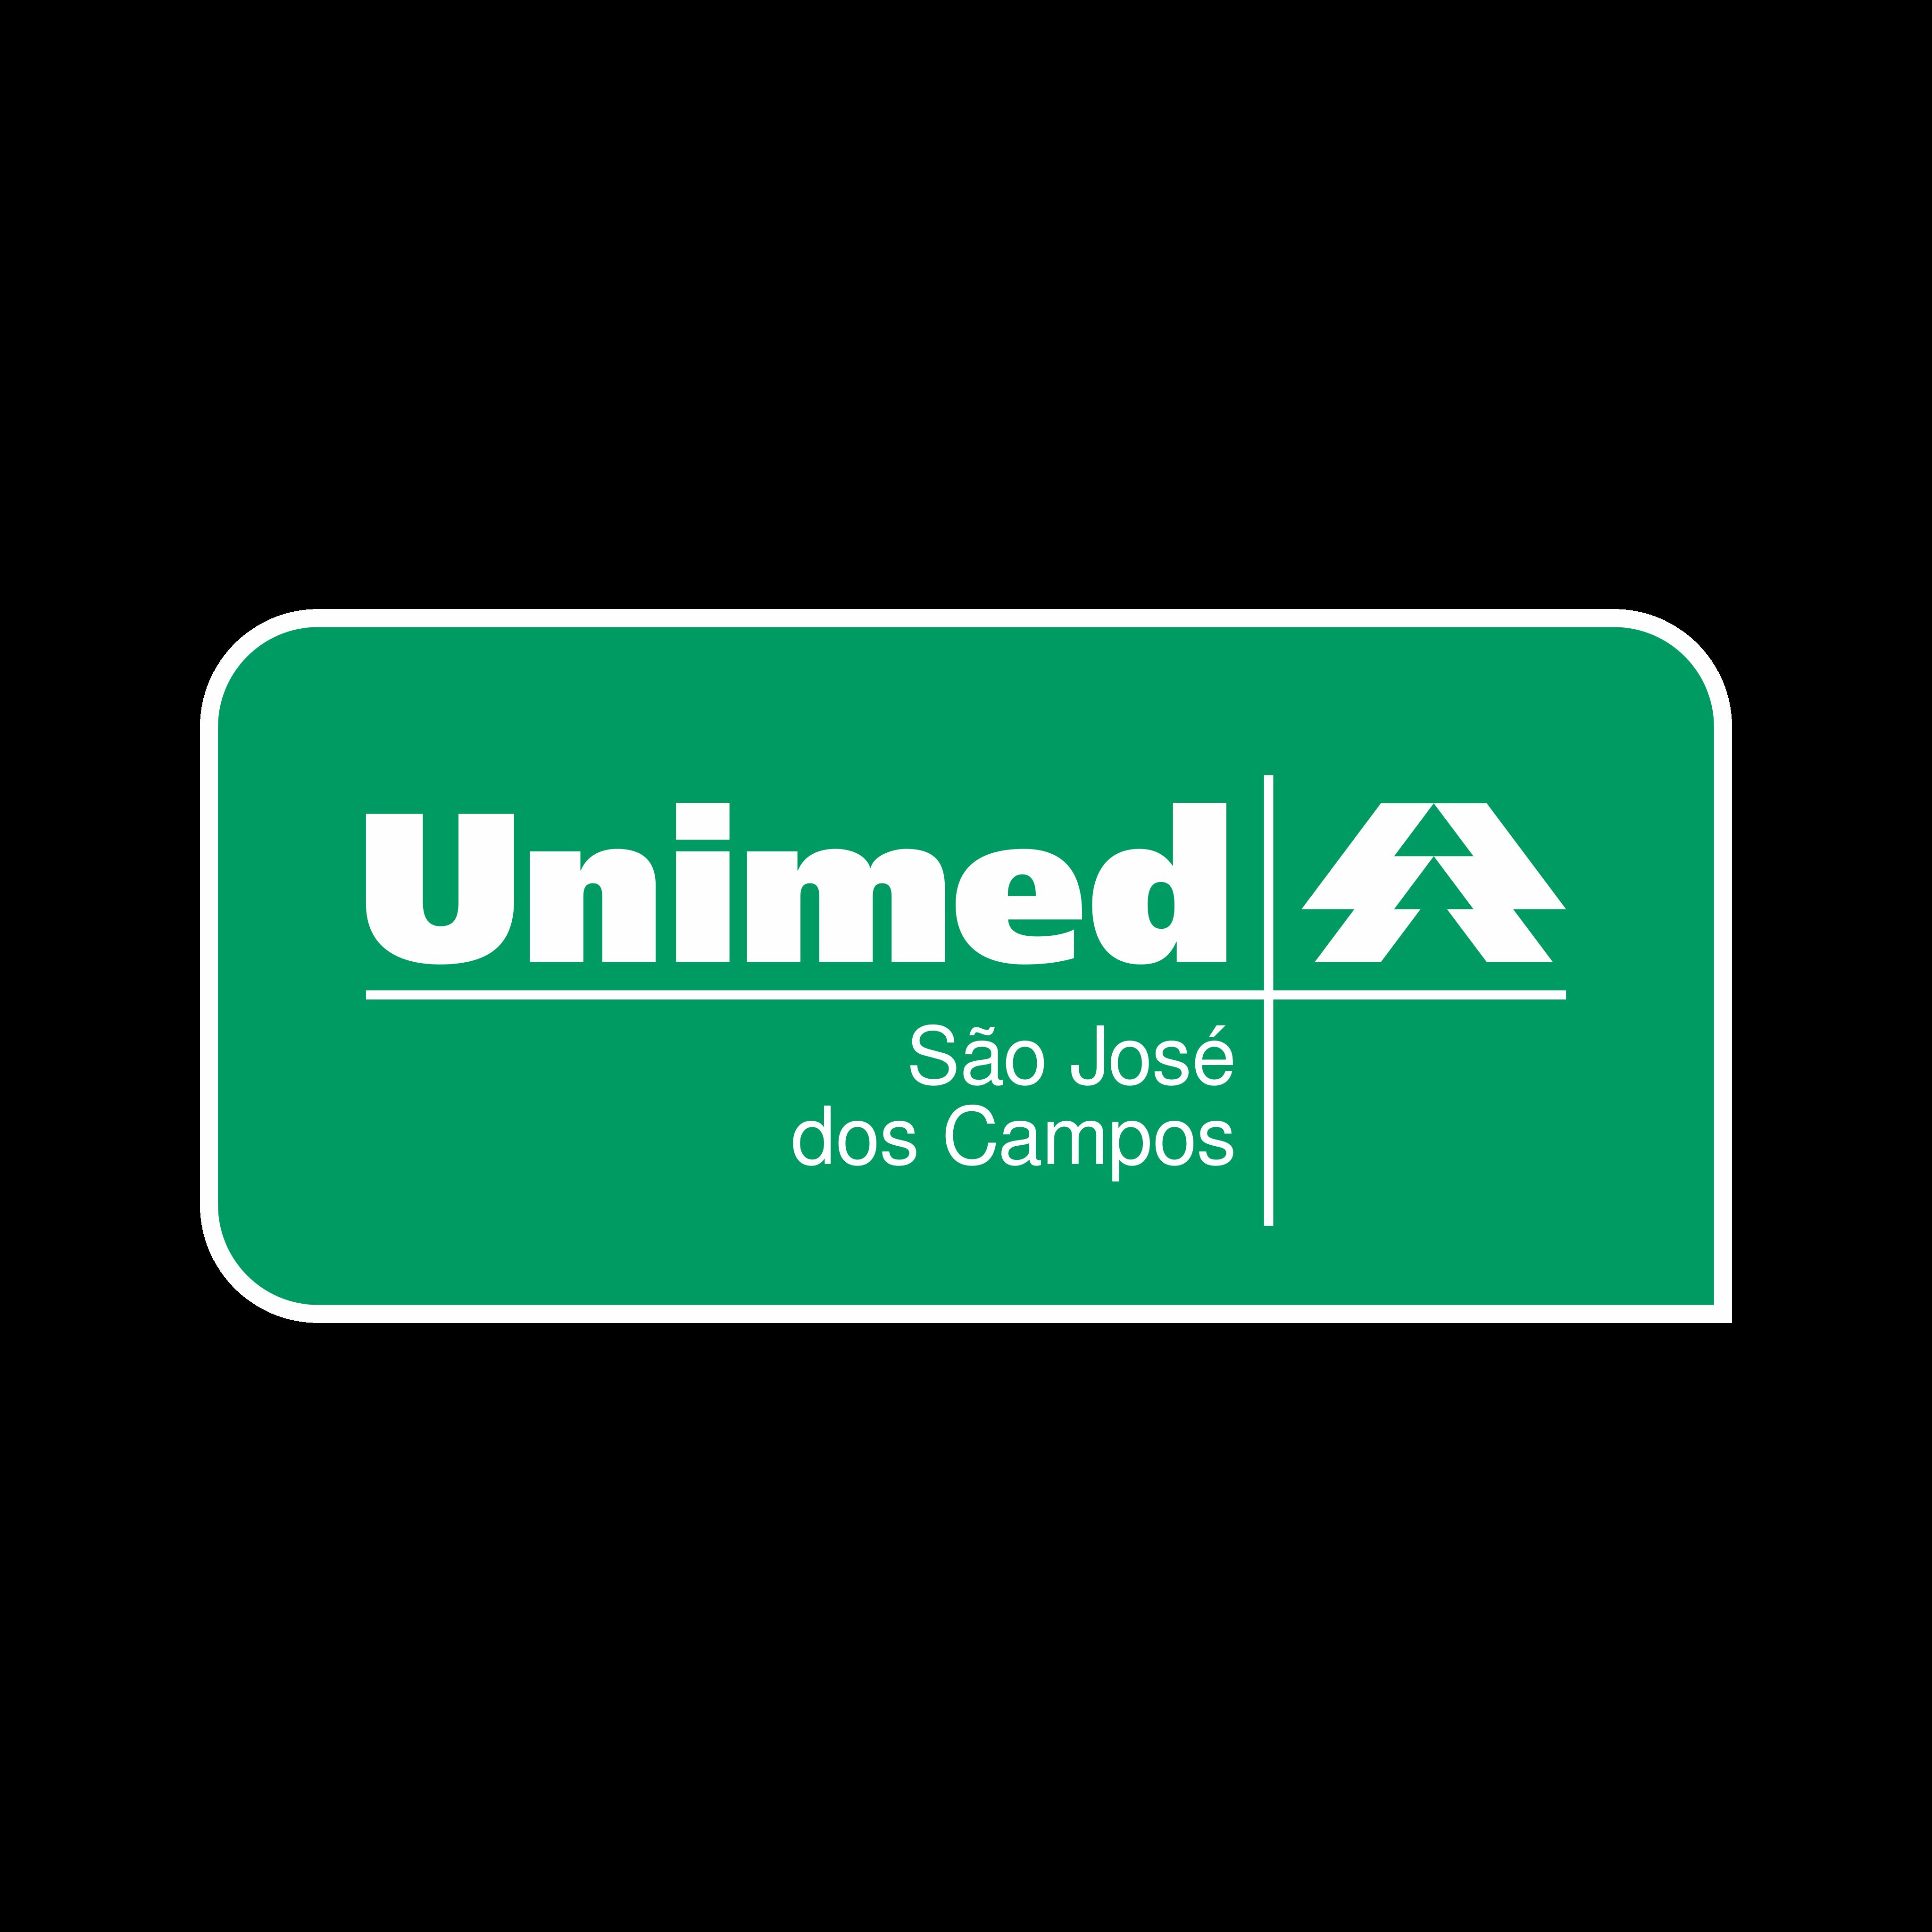 unimed sao josedos campos logo 0 - Unimed São José dos Campos Logo